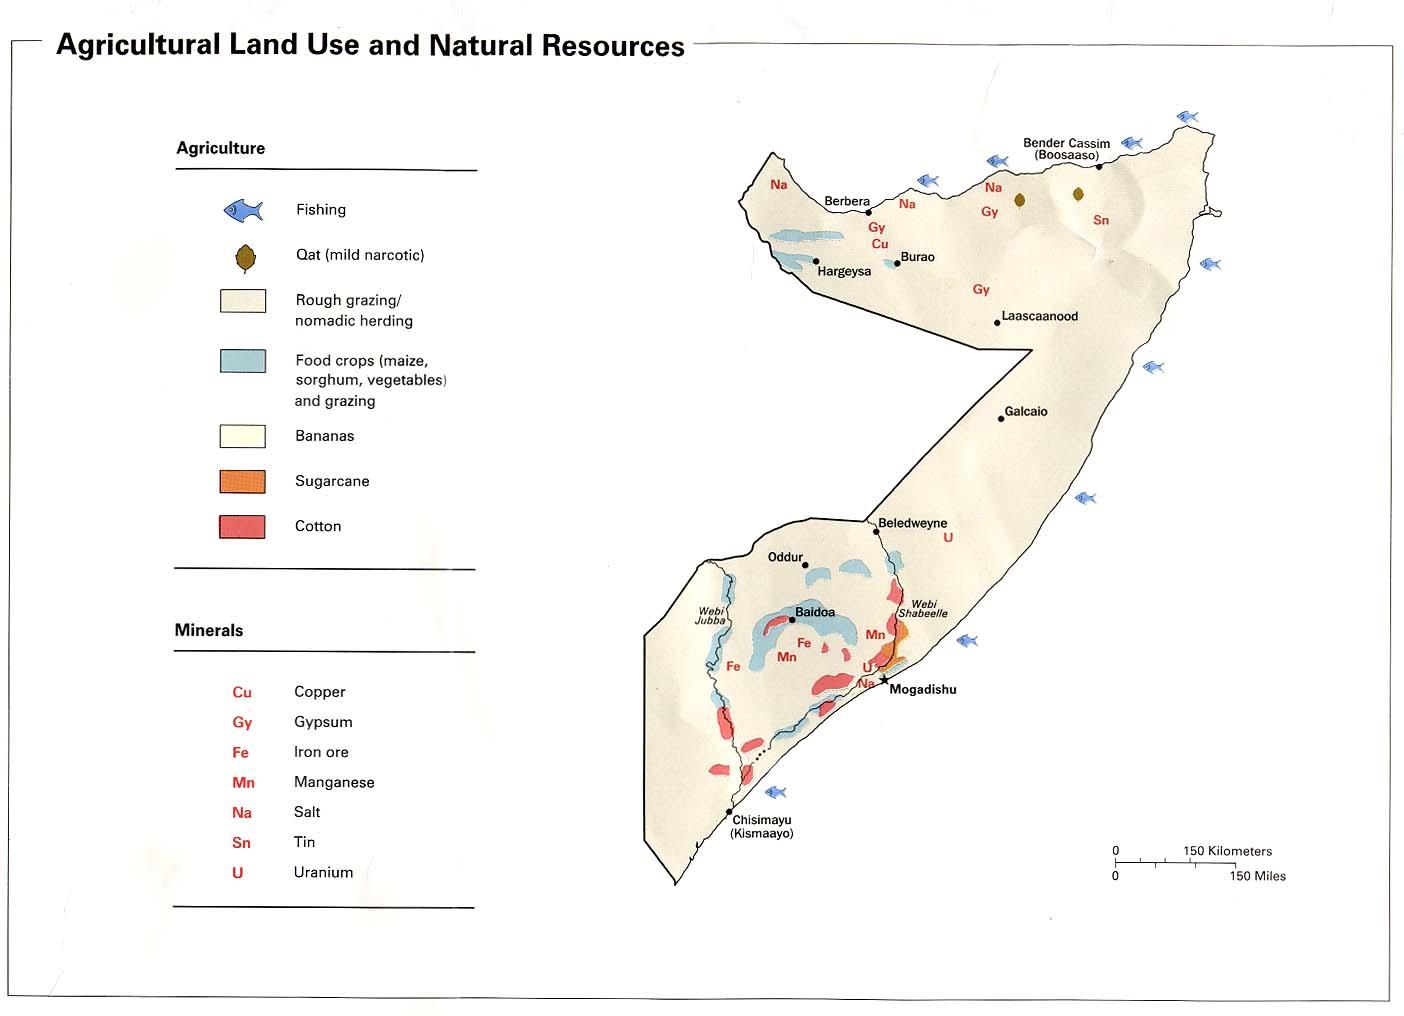 Mapa del Uso de las Tierras Agrícolas y de los Recursos Naturales Somalia